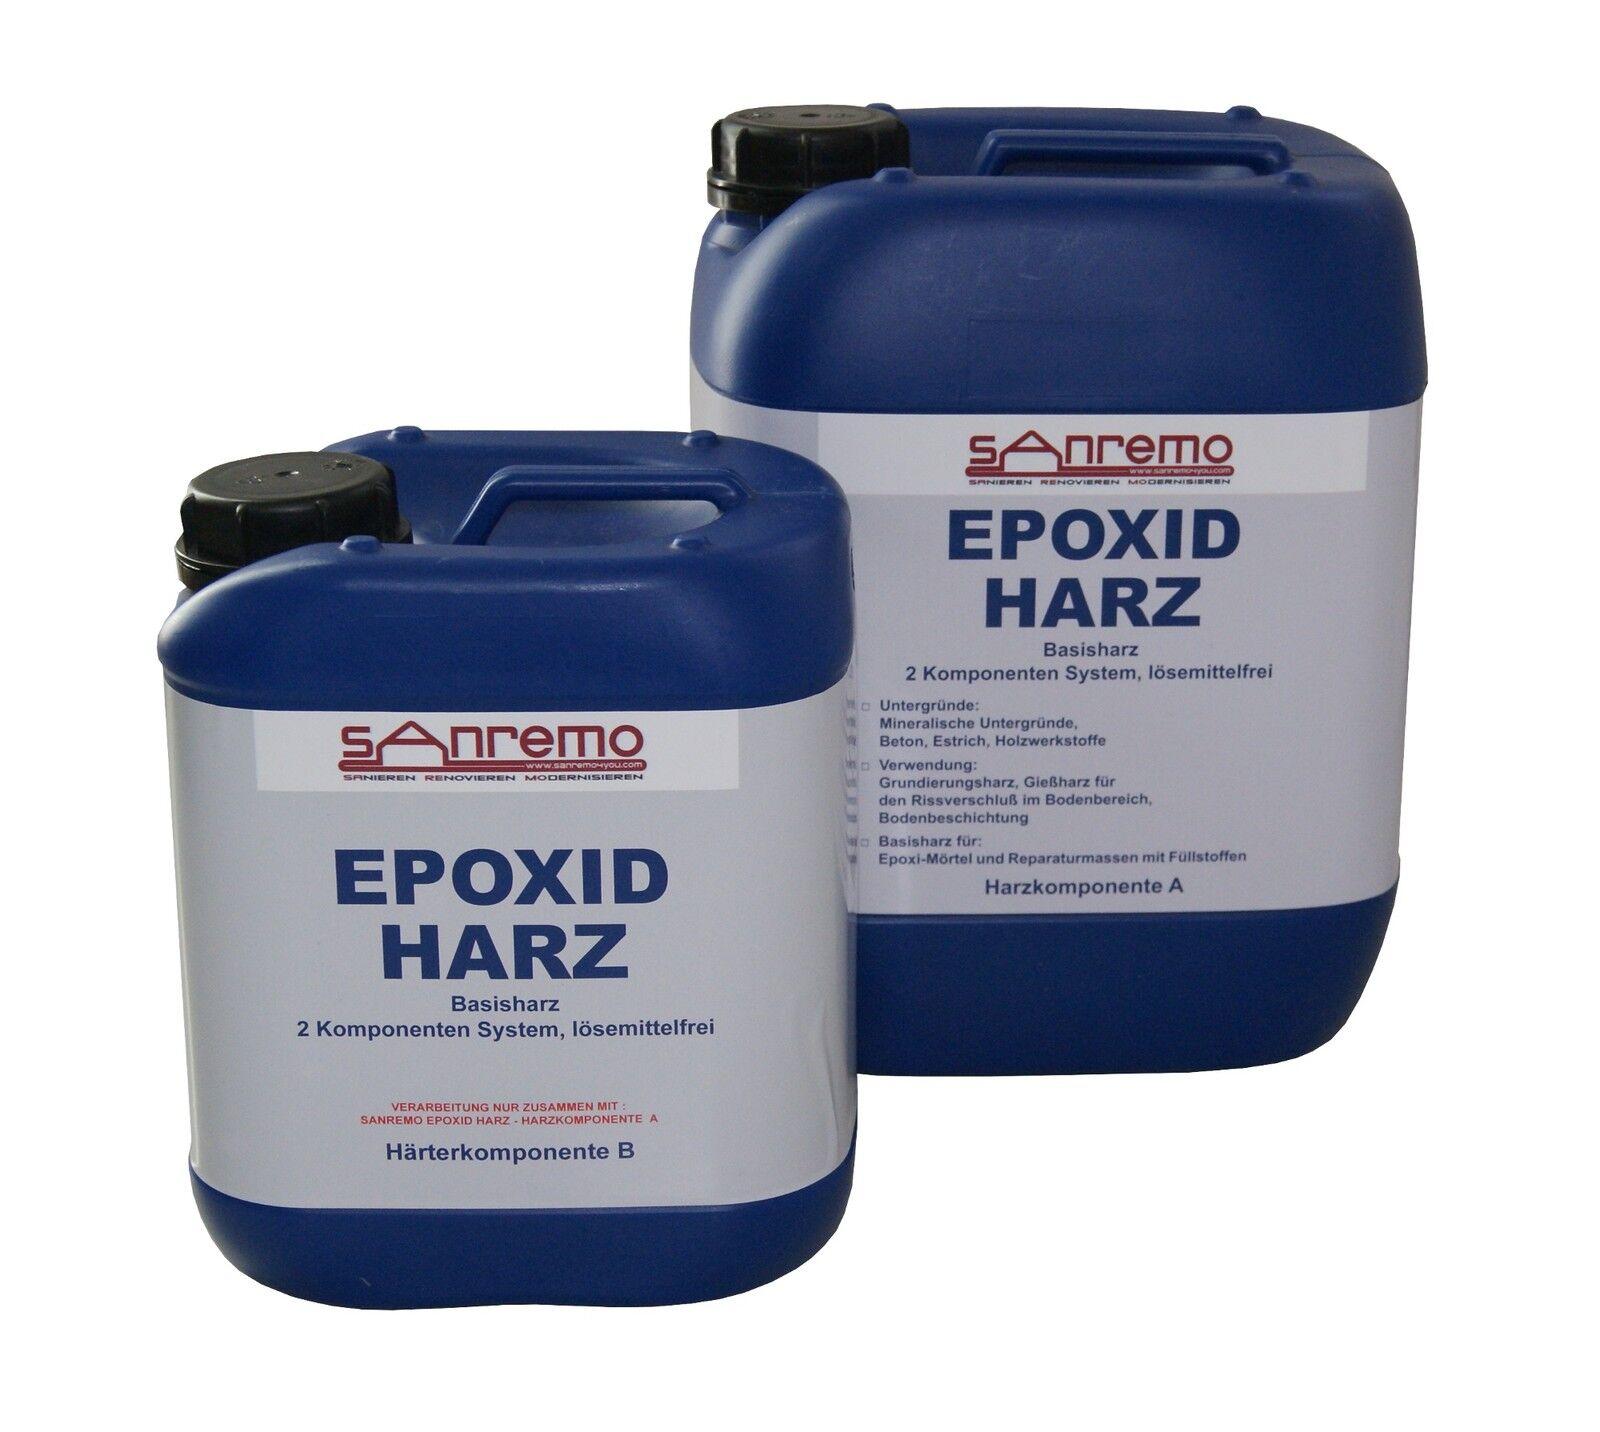 Sanremo EPOXID HARZ Basisharz, 2 Komponenten System, lösemittelfrei 16 Ltr.